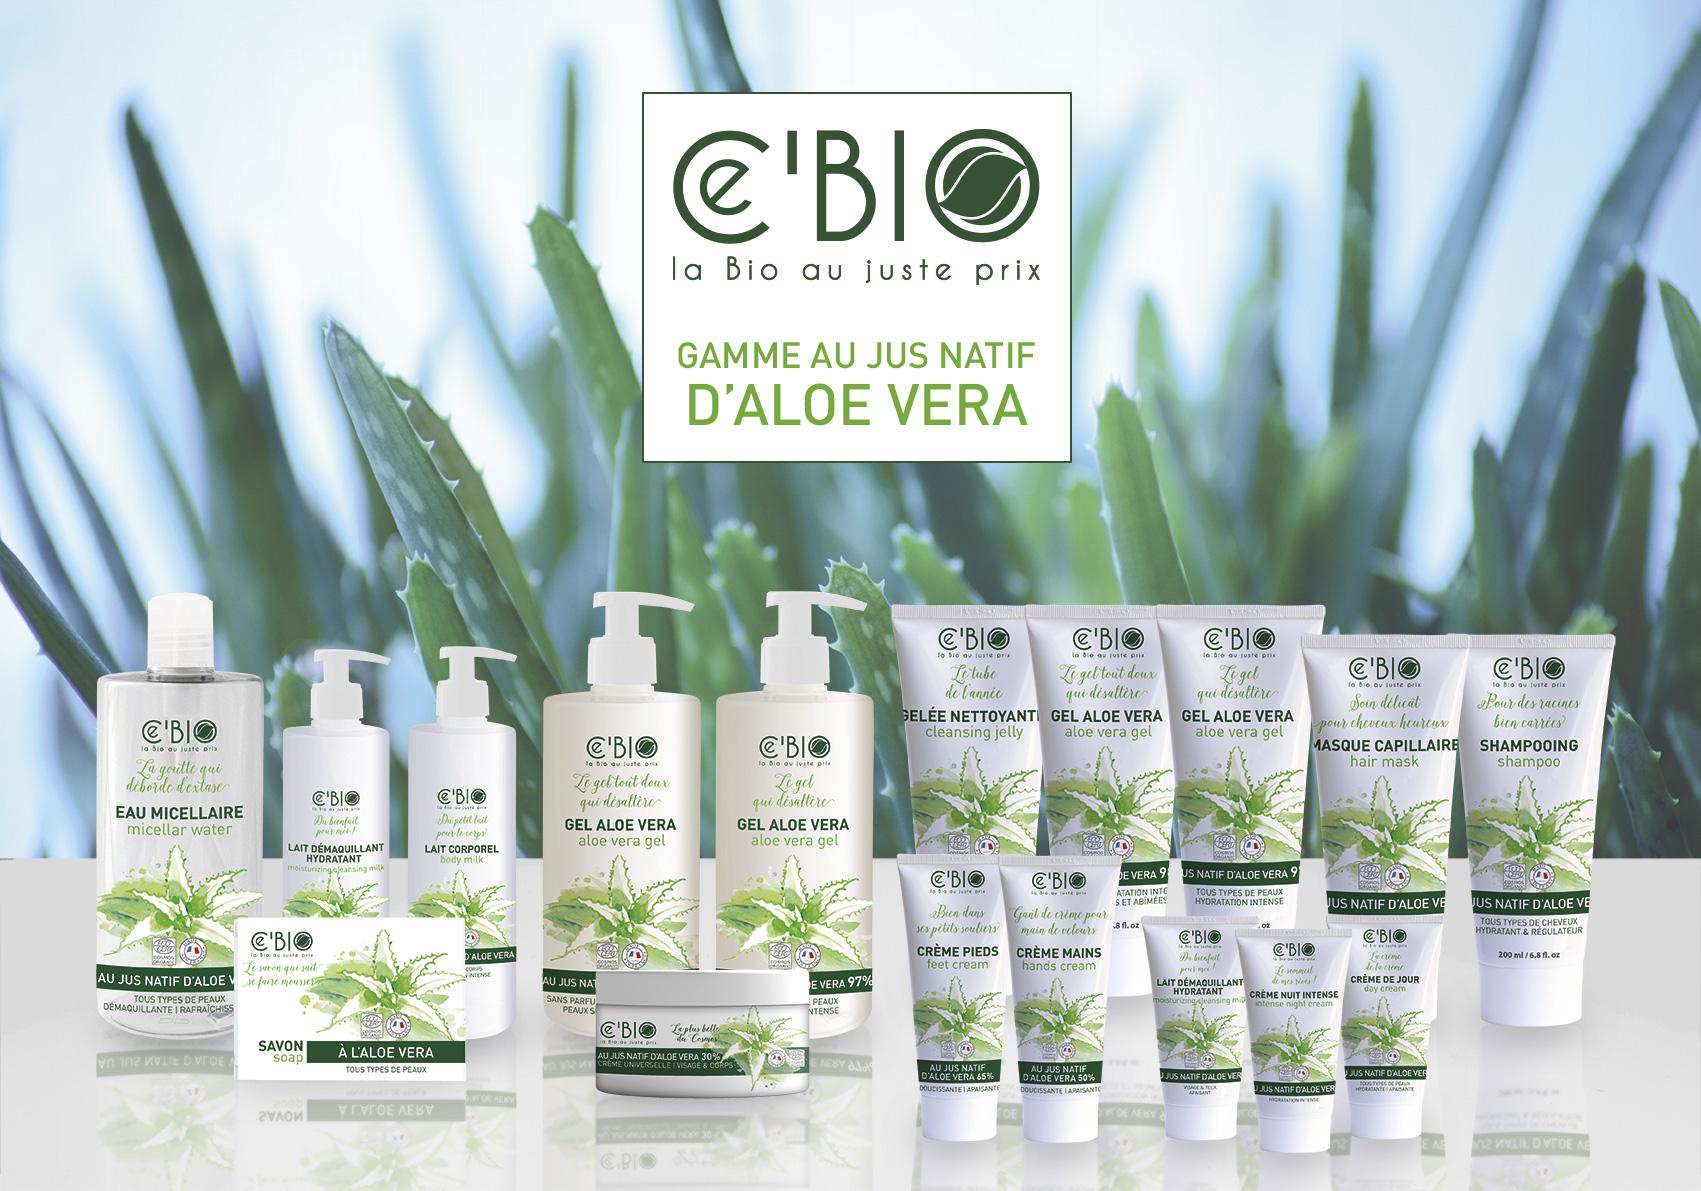 laboratoire Gravier | Ce'BIO gamme Aloe Vera